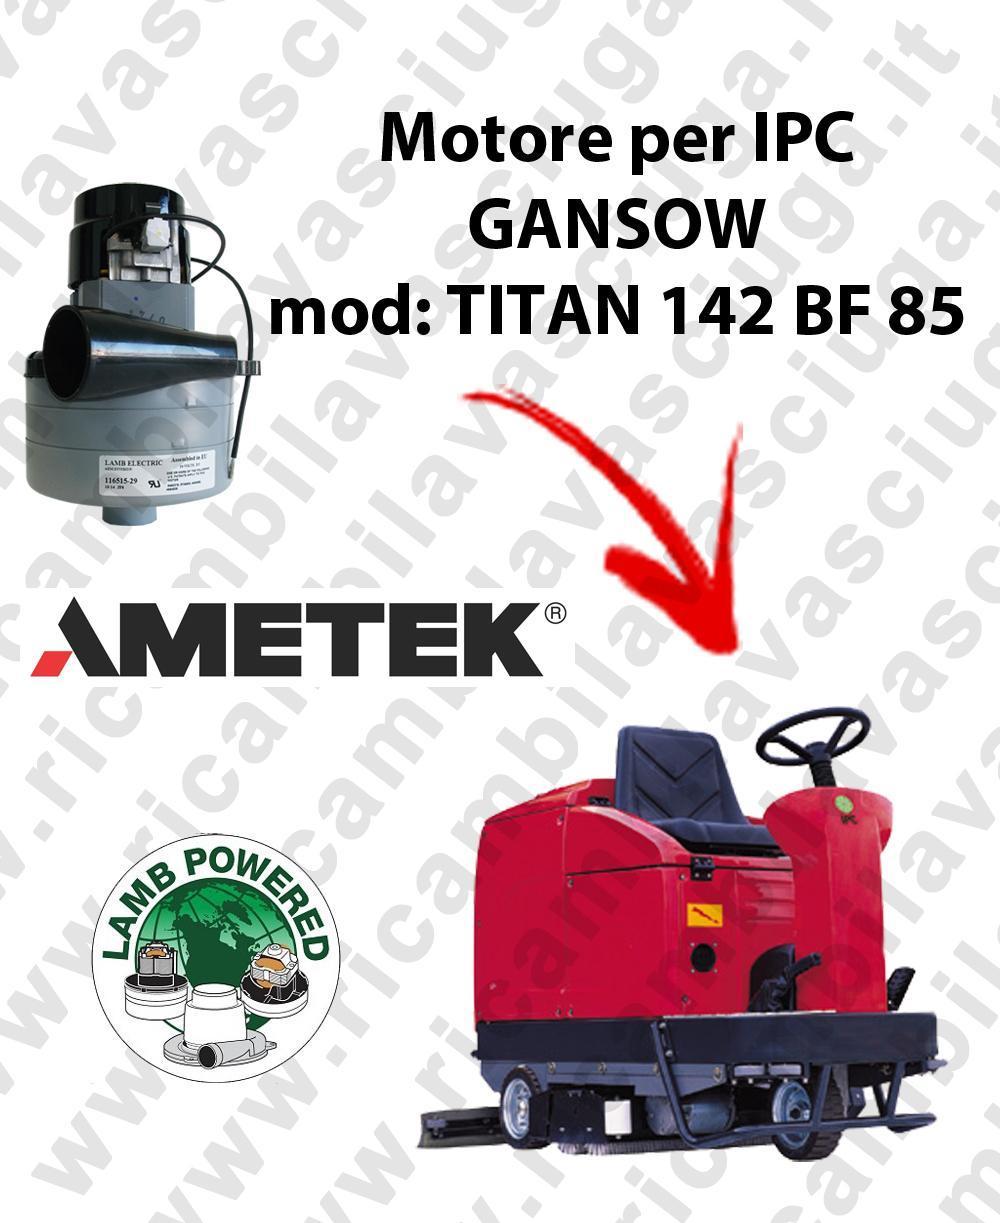 TITAN 142 BF 85 MOTEUR ASPIRATION LAMB AMATEK pour autolaveuses IPC GANSOW